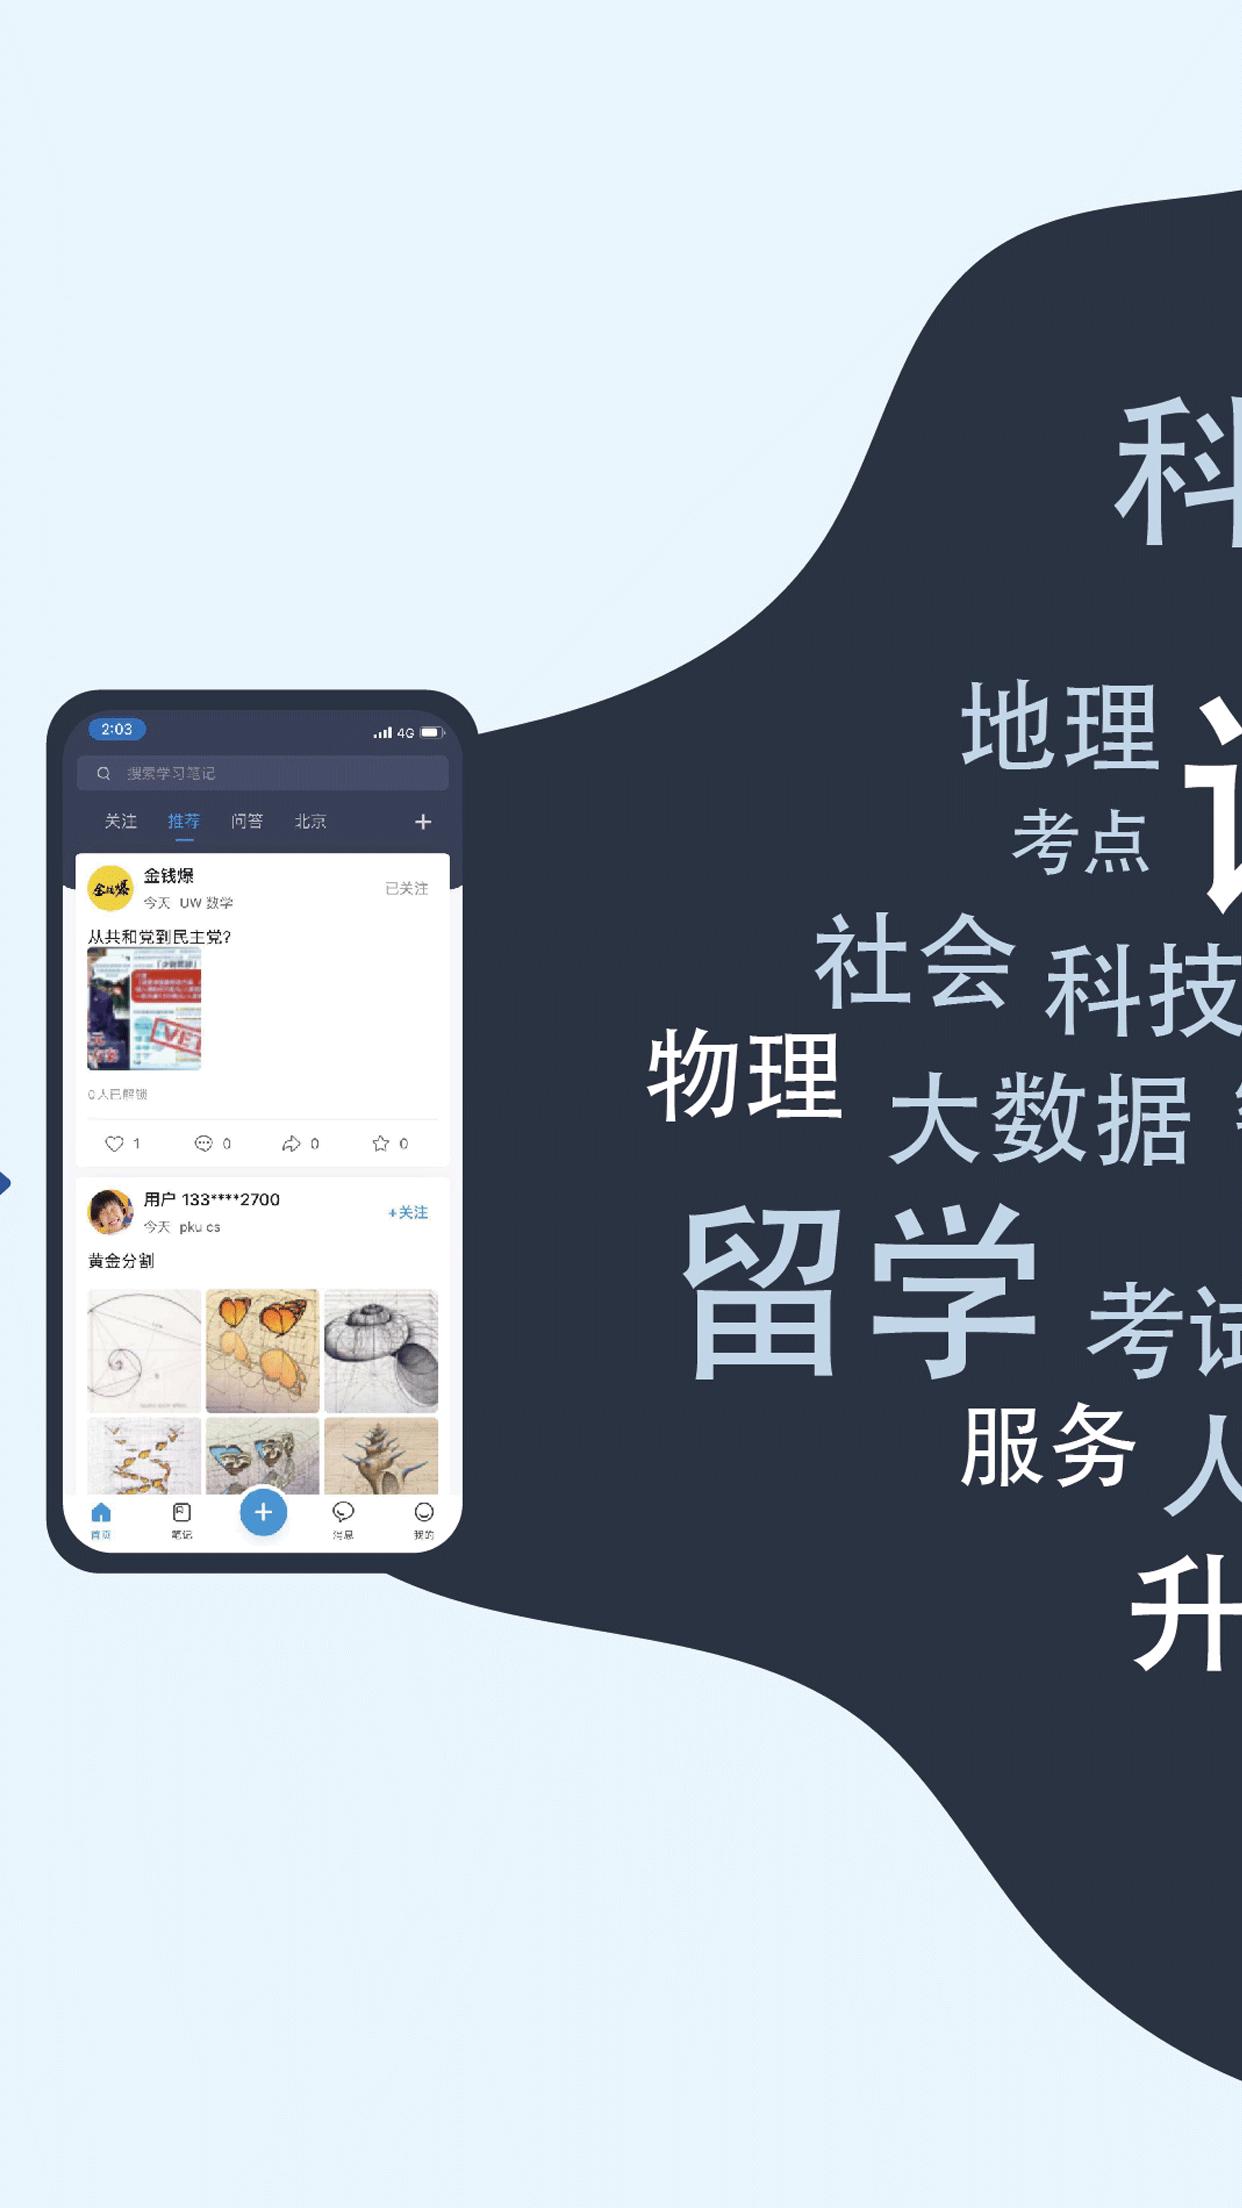 学霸笔记appv1.0 全新版